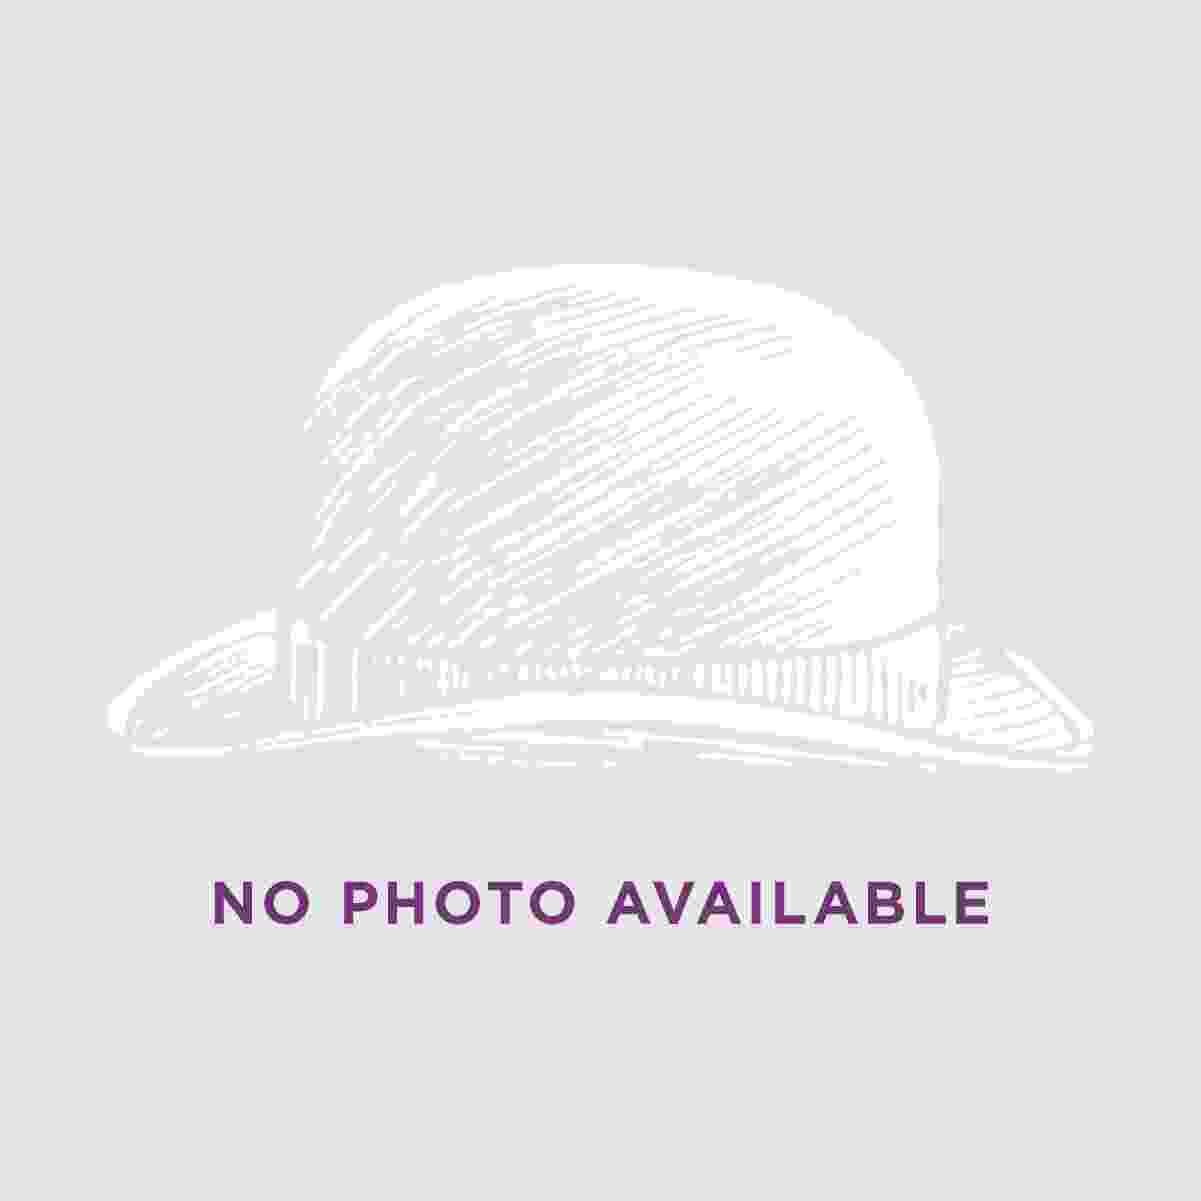 Brixton Hats Barrel Wide Herringbone Ivy Cap